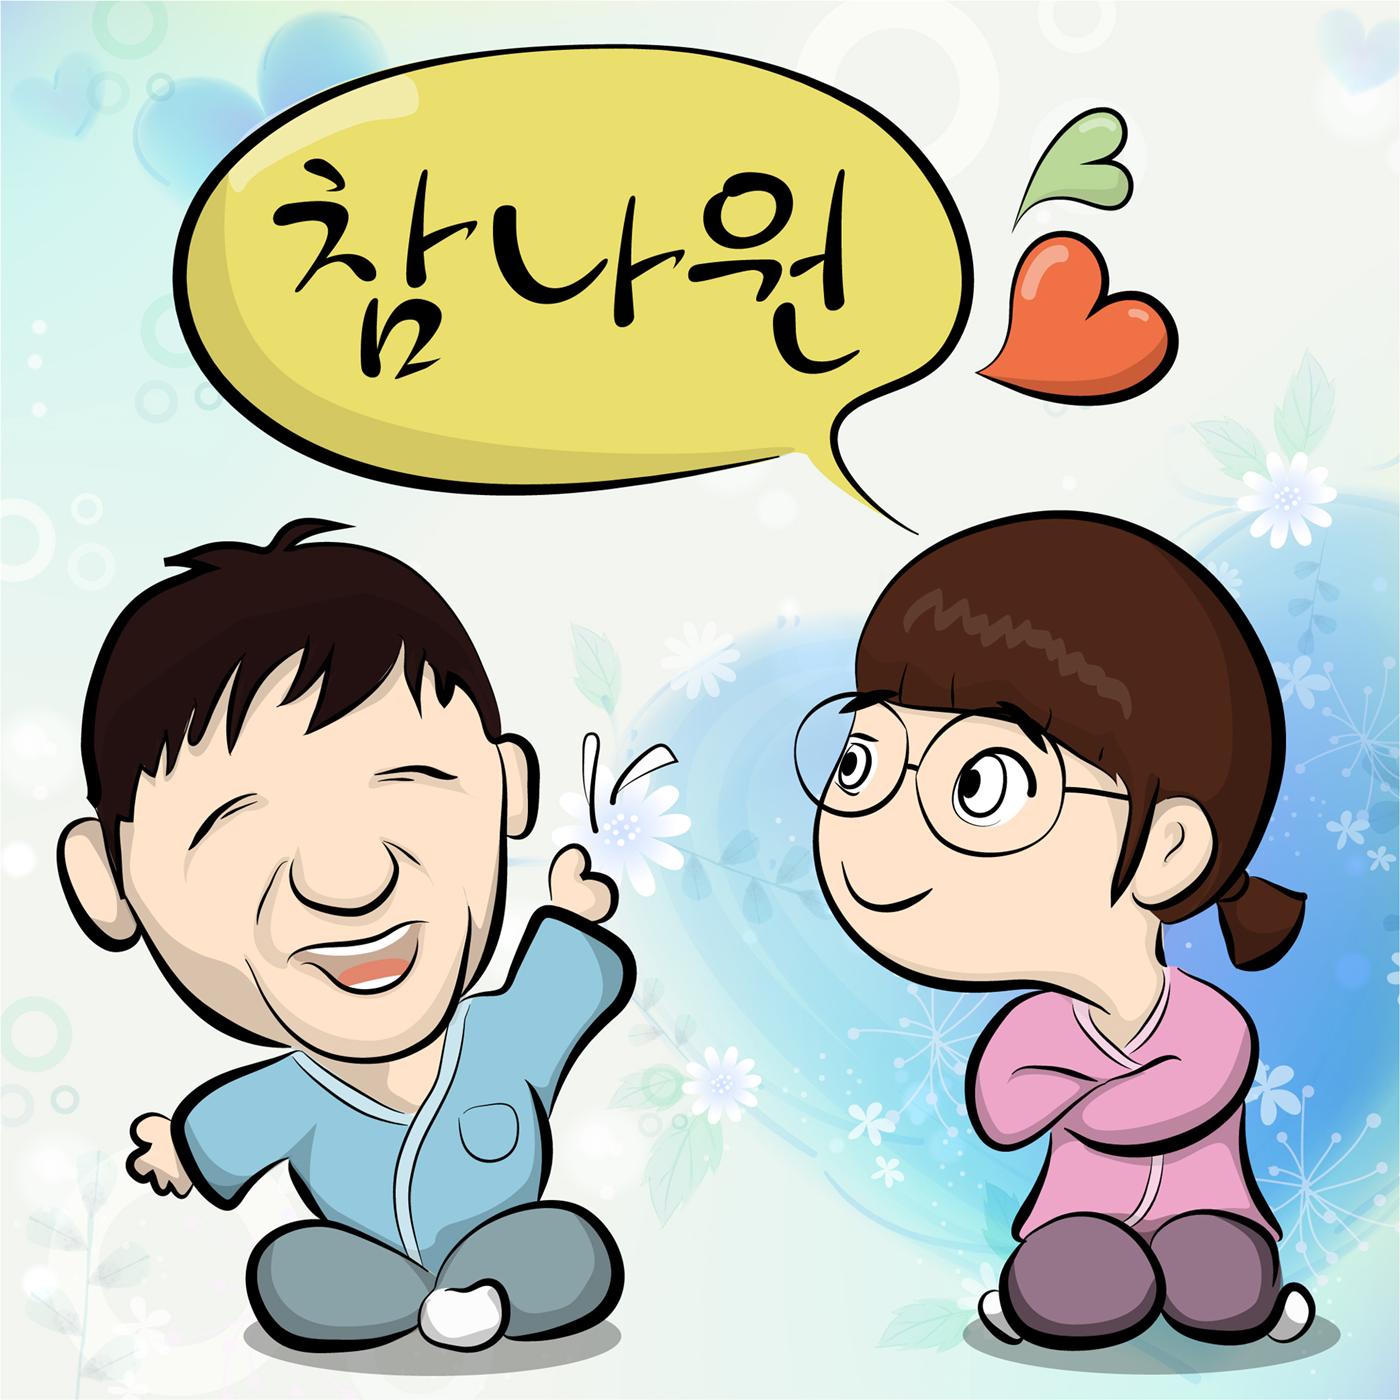 심리상담방송 참나원 시즌4